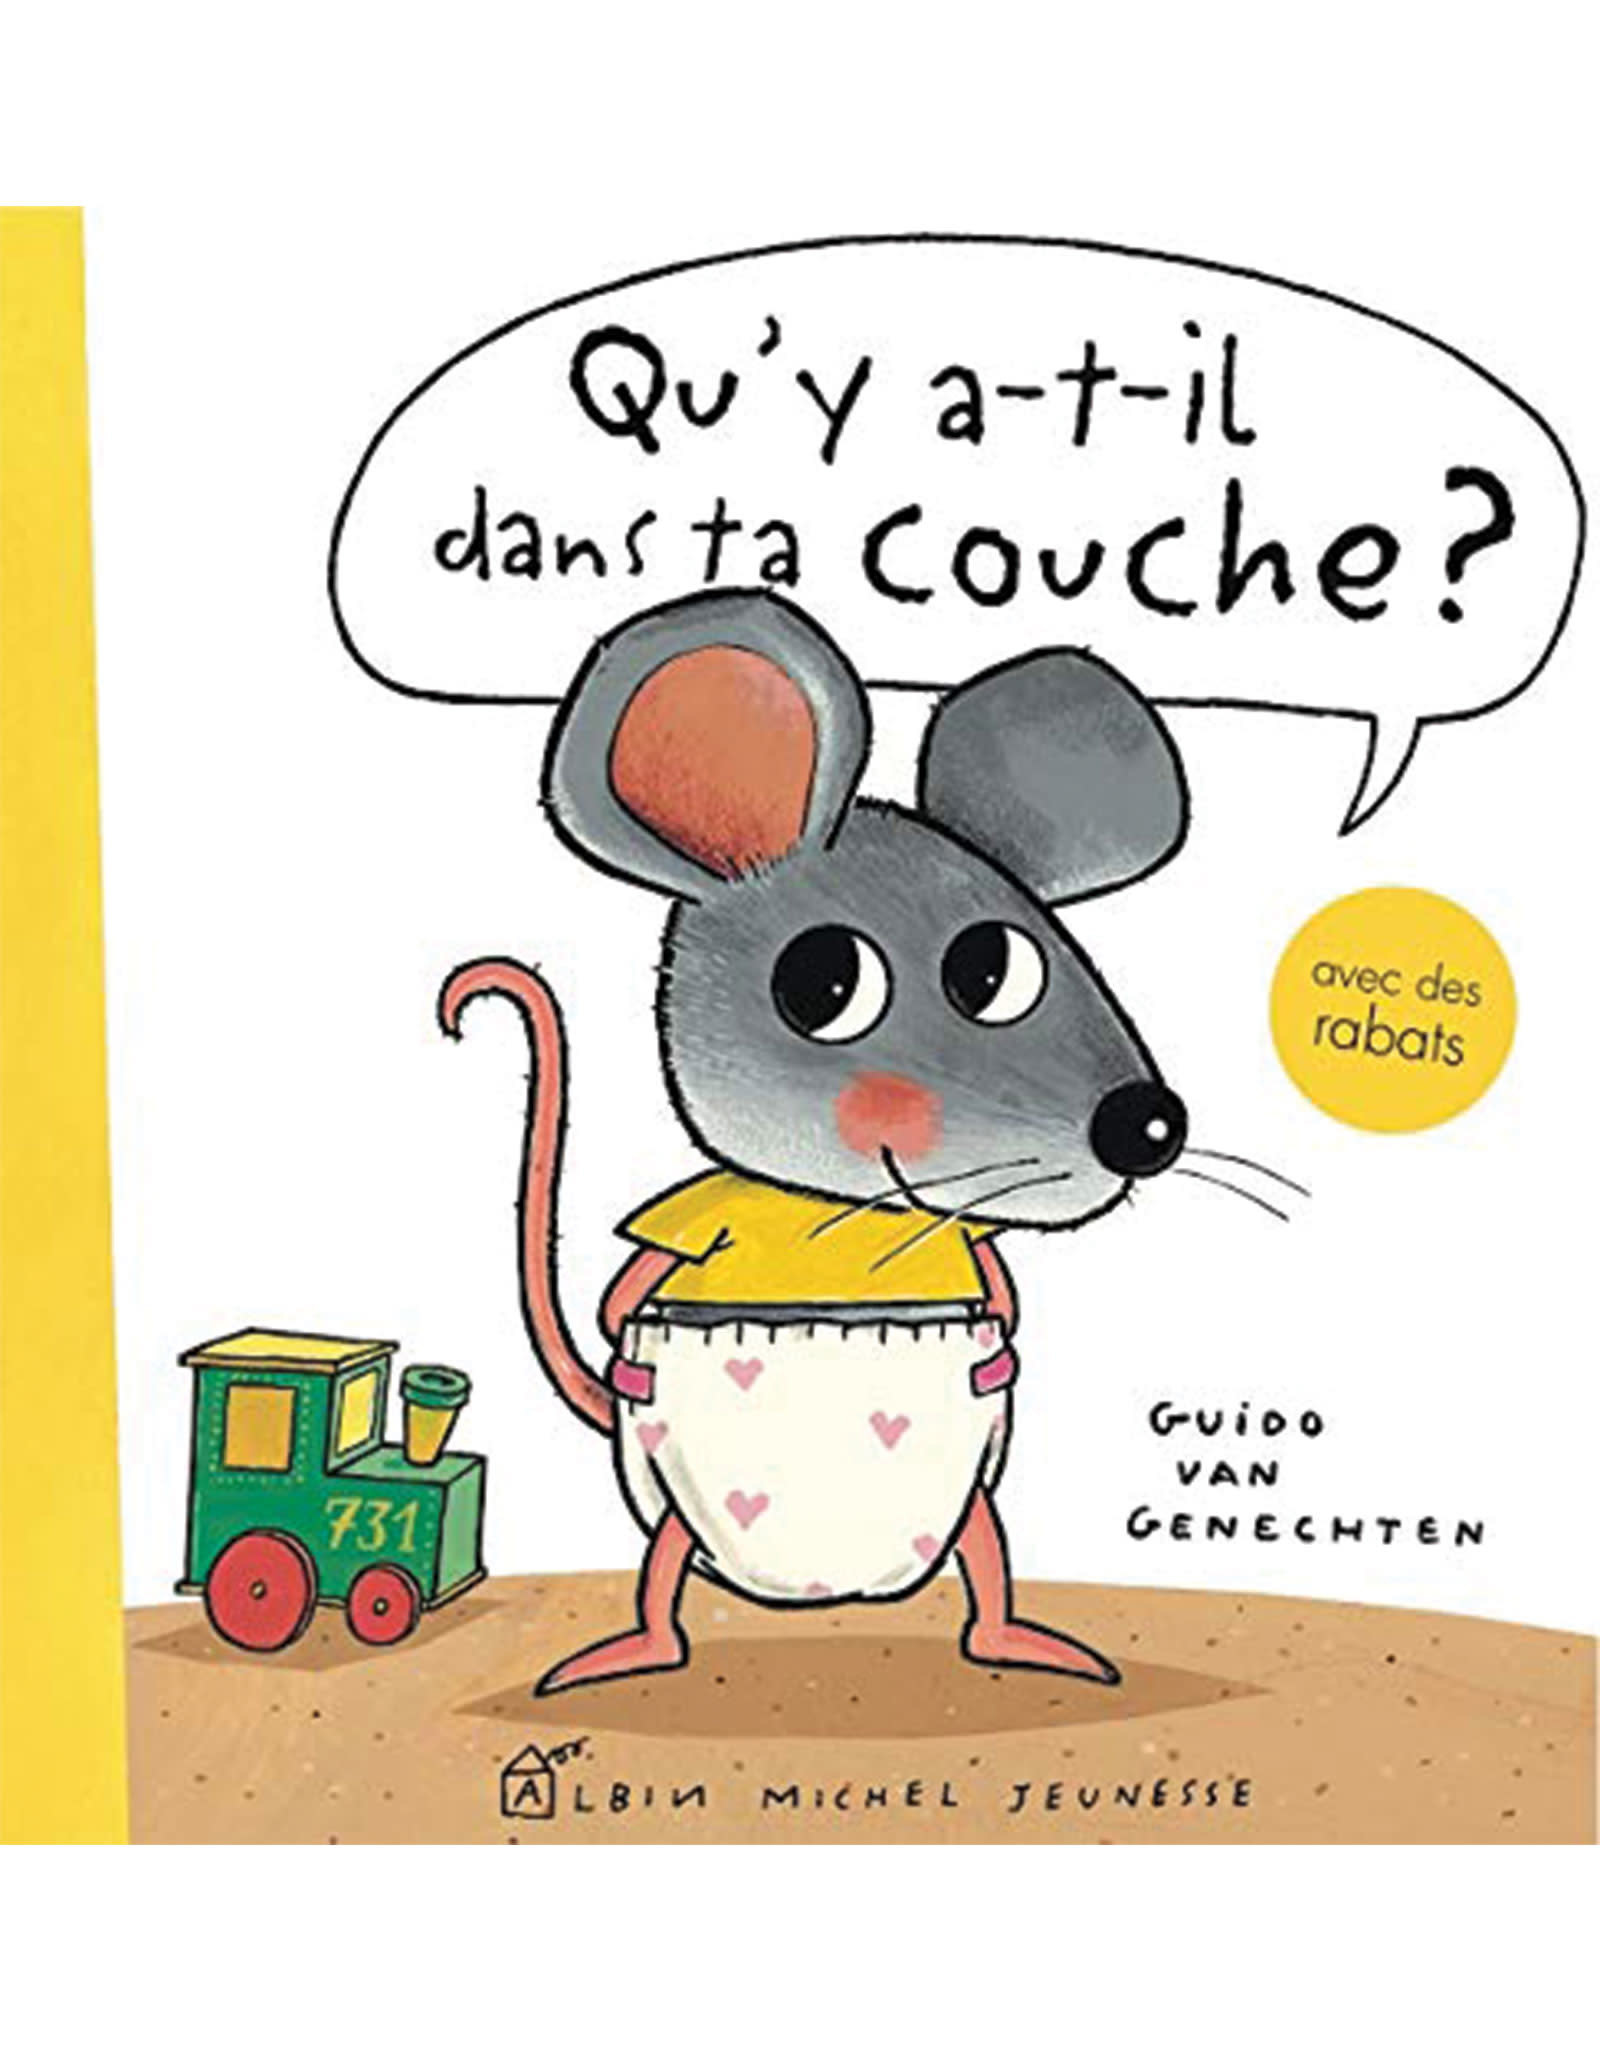 Livre Qu'y a-t-il dans ta couche? (French)